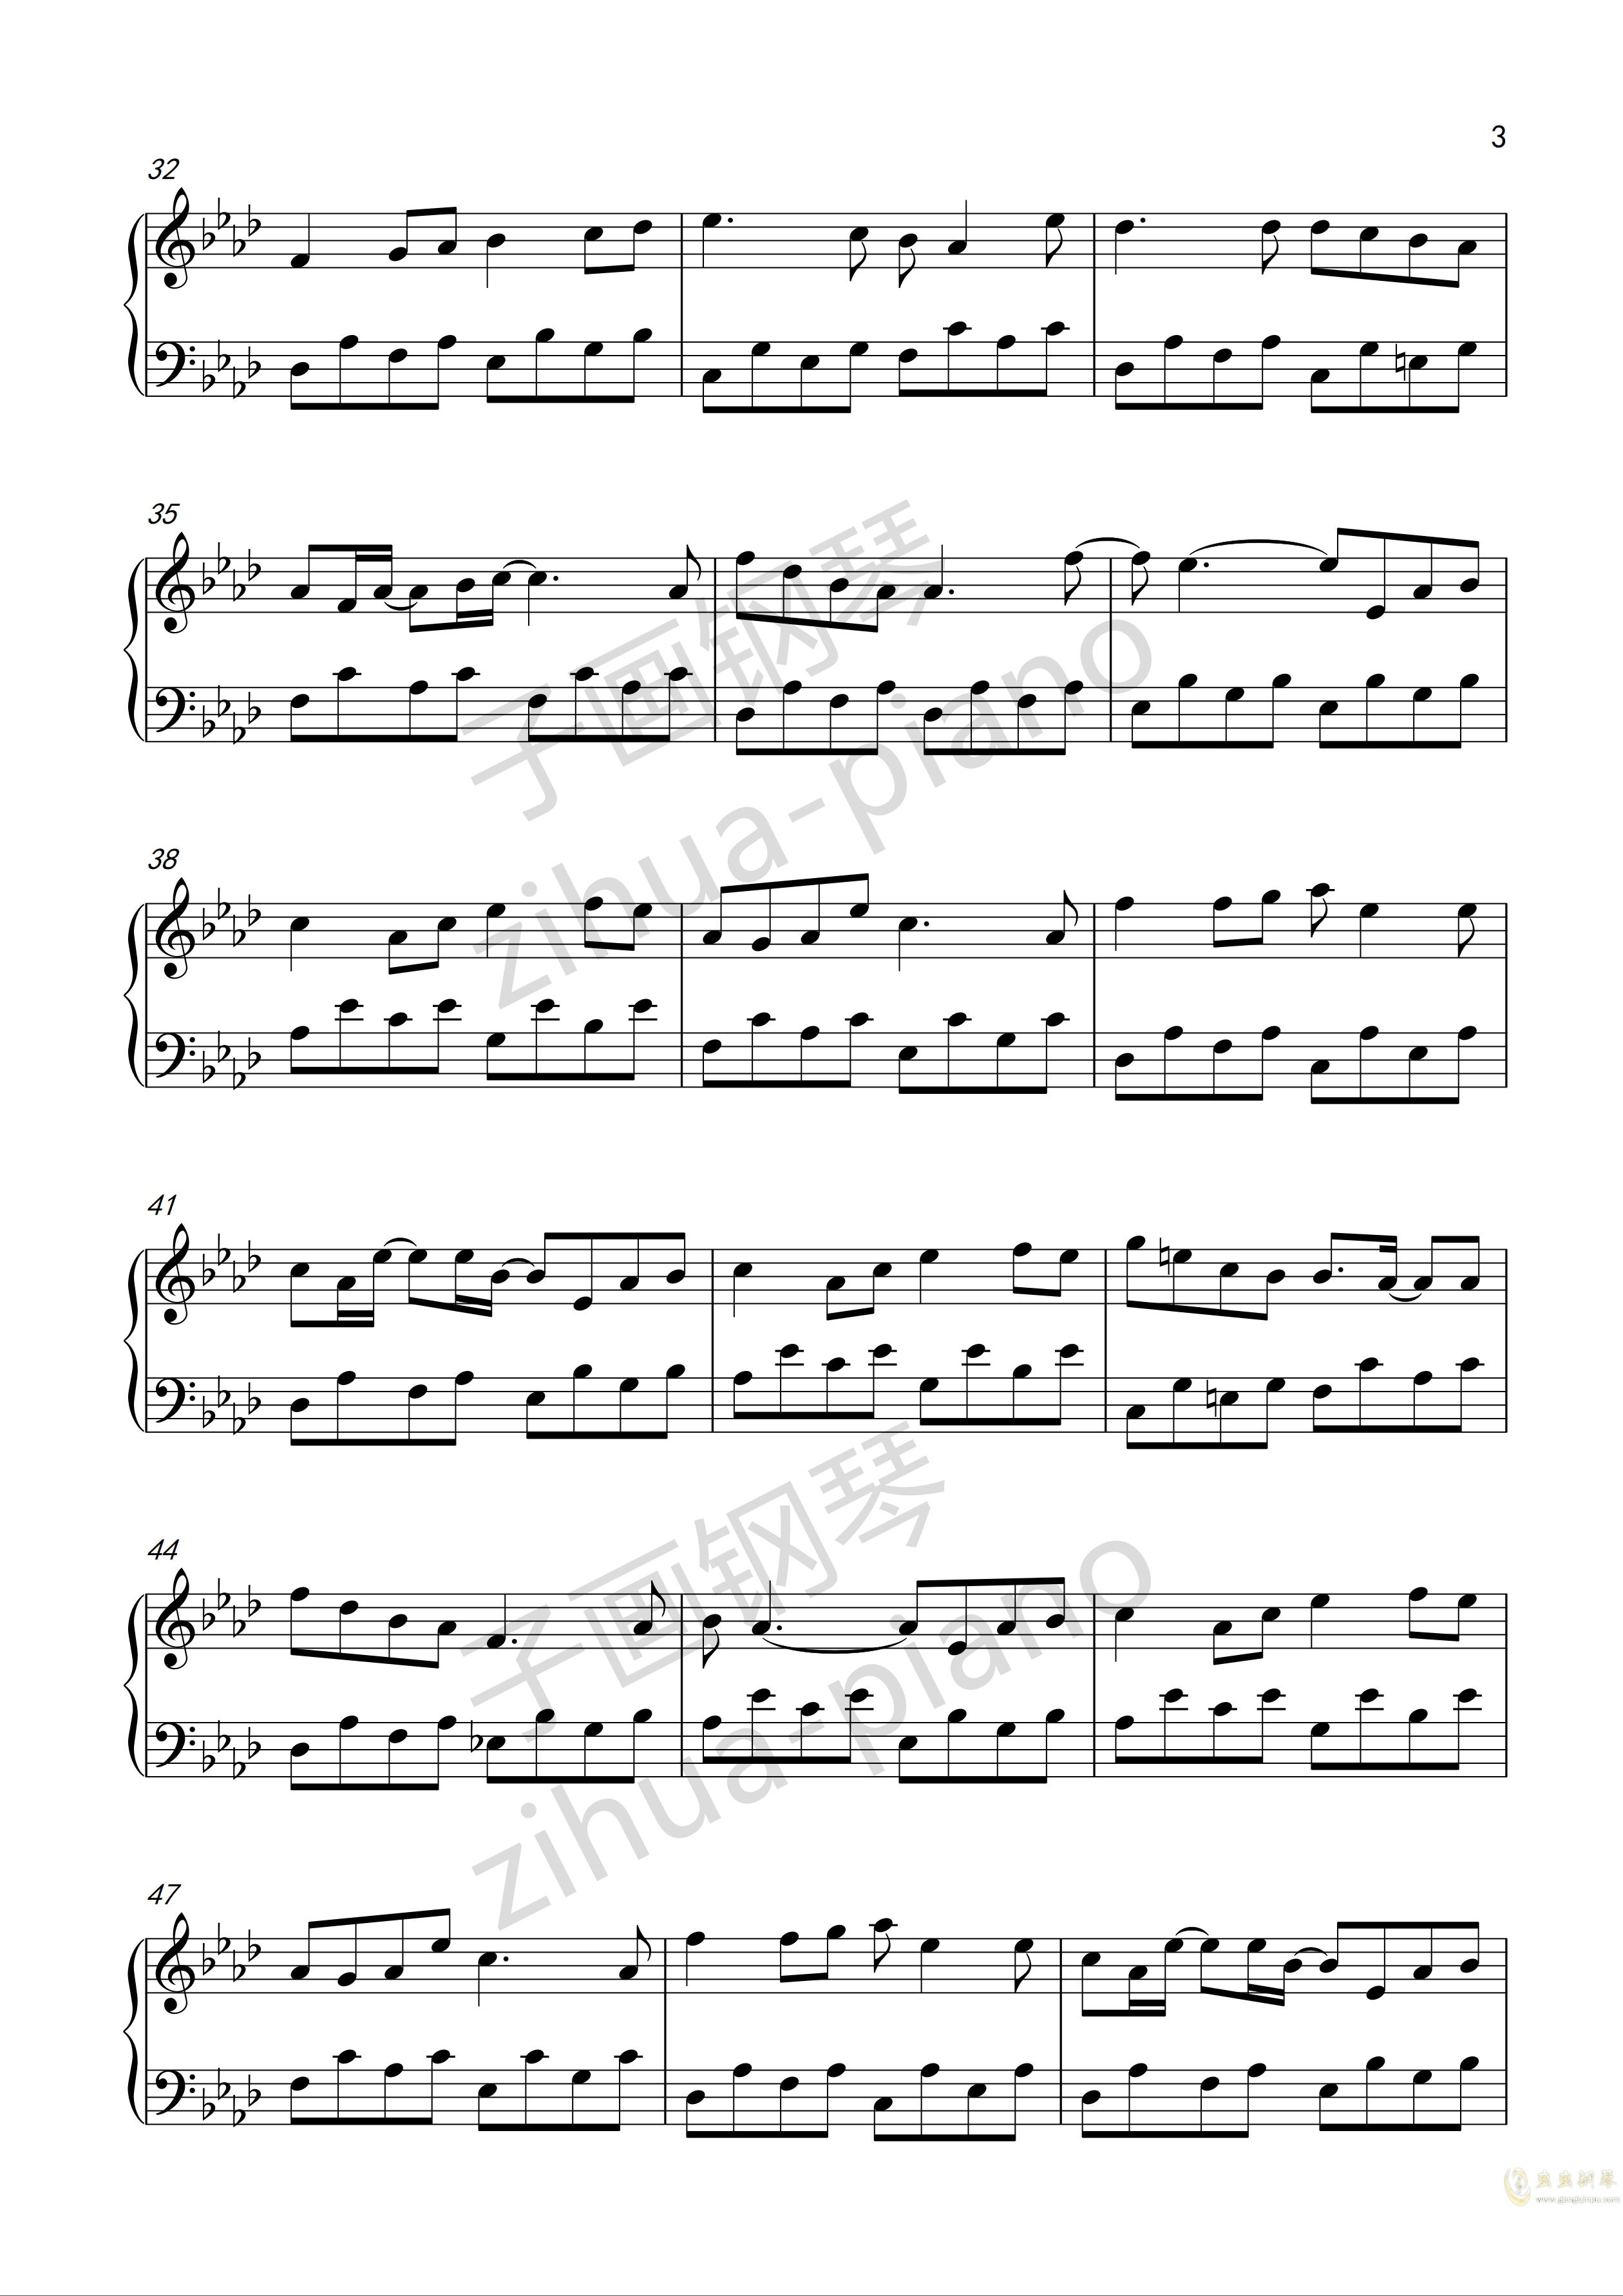 凤凰花开的路口钢琴谱 第3页